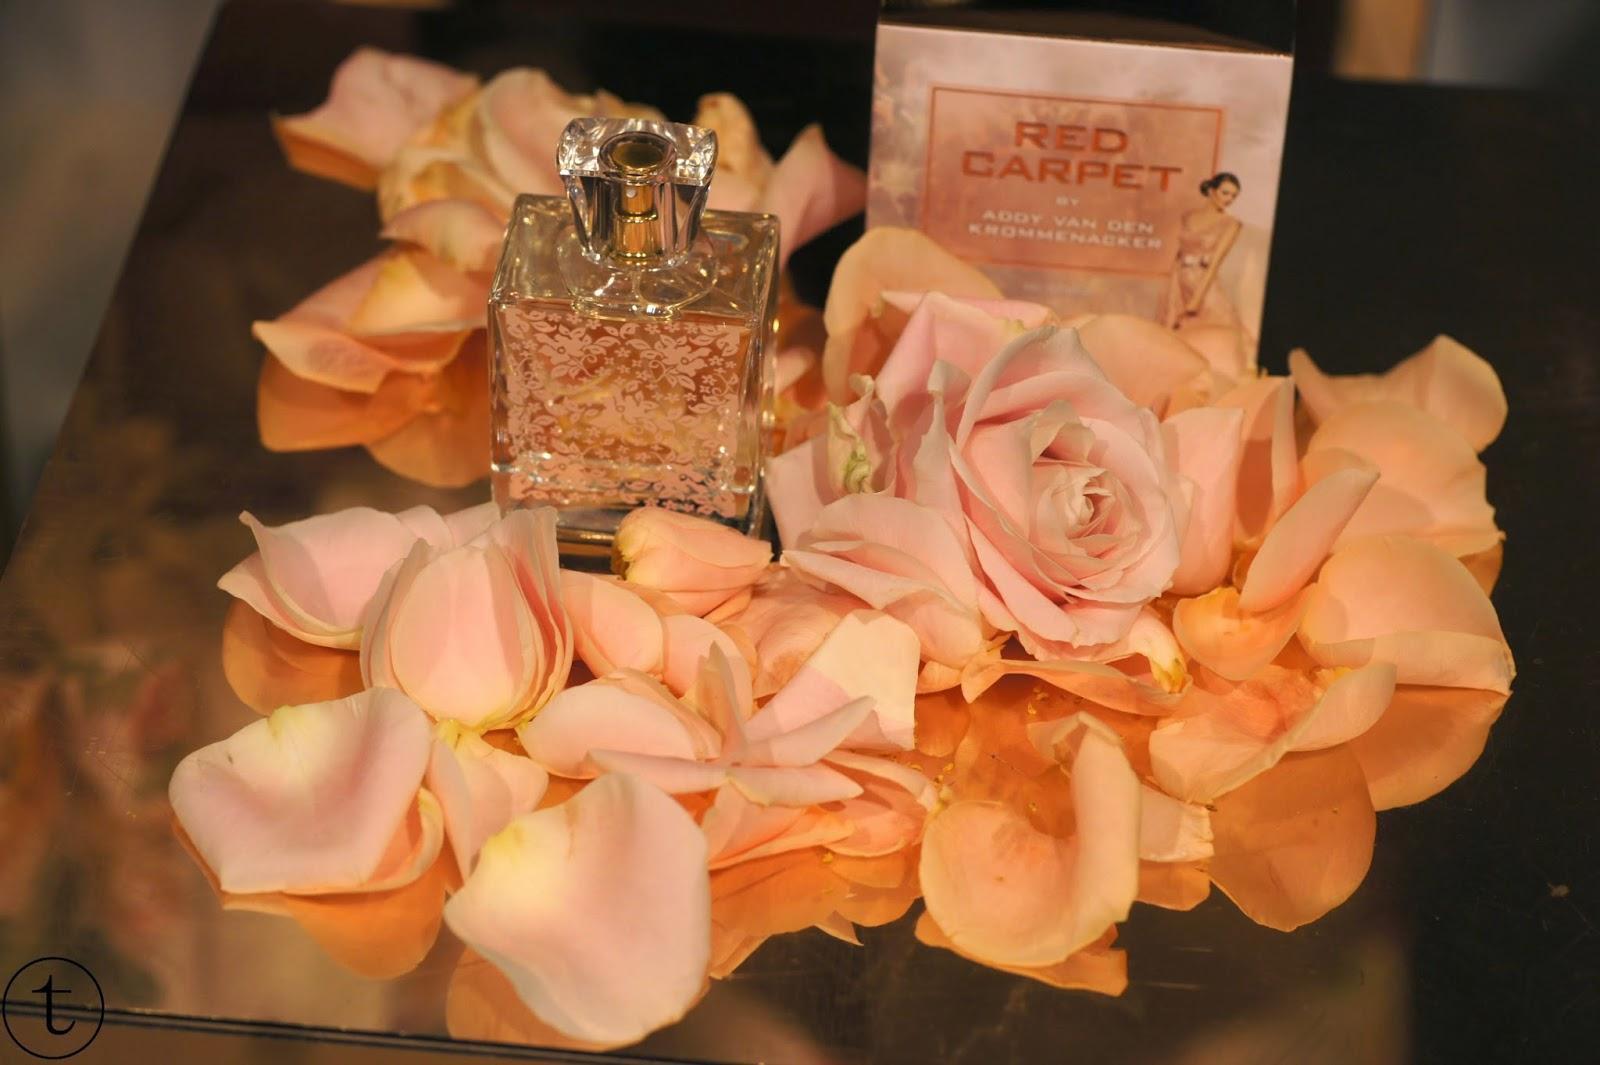 nieuwe parfum van addy van den krommenacker red carpet